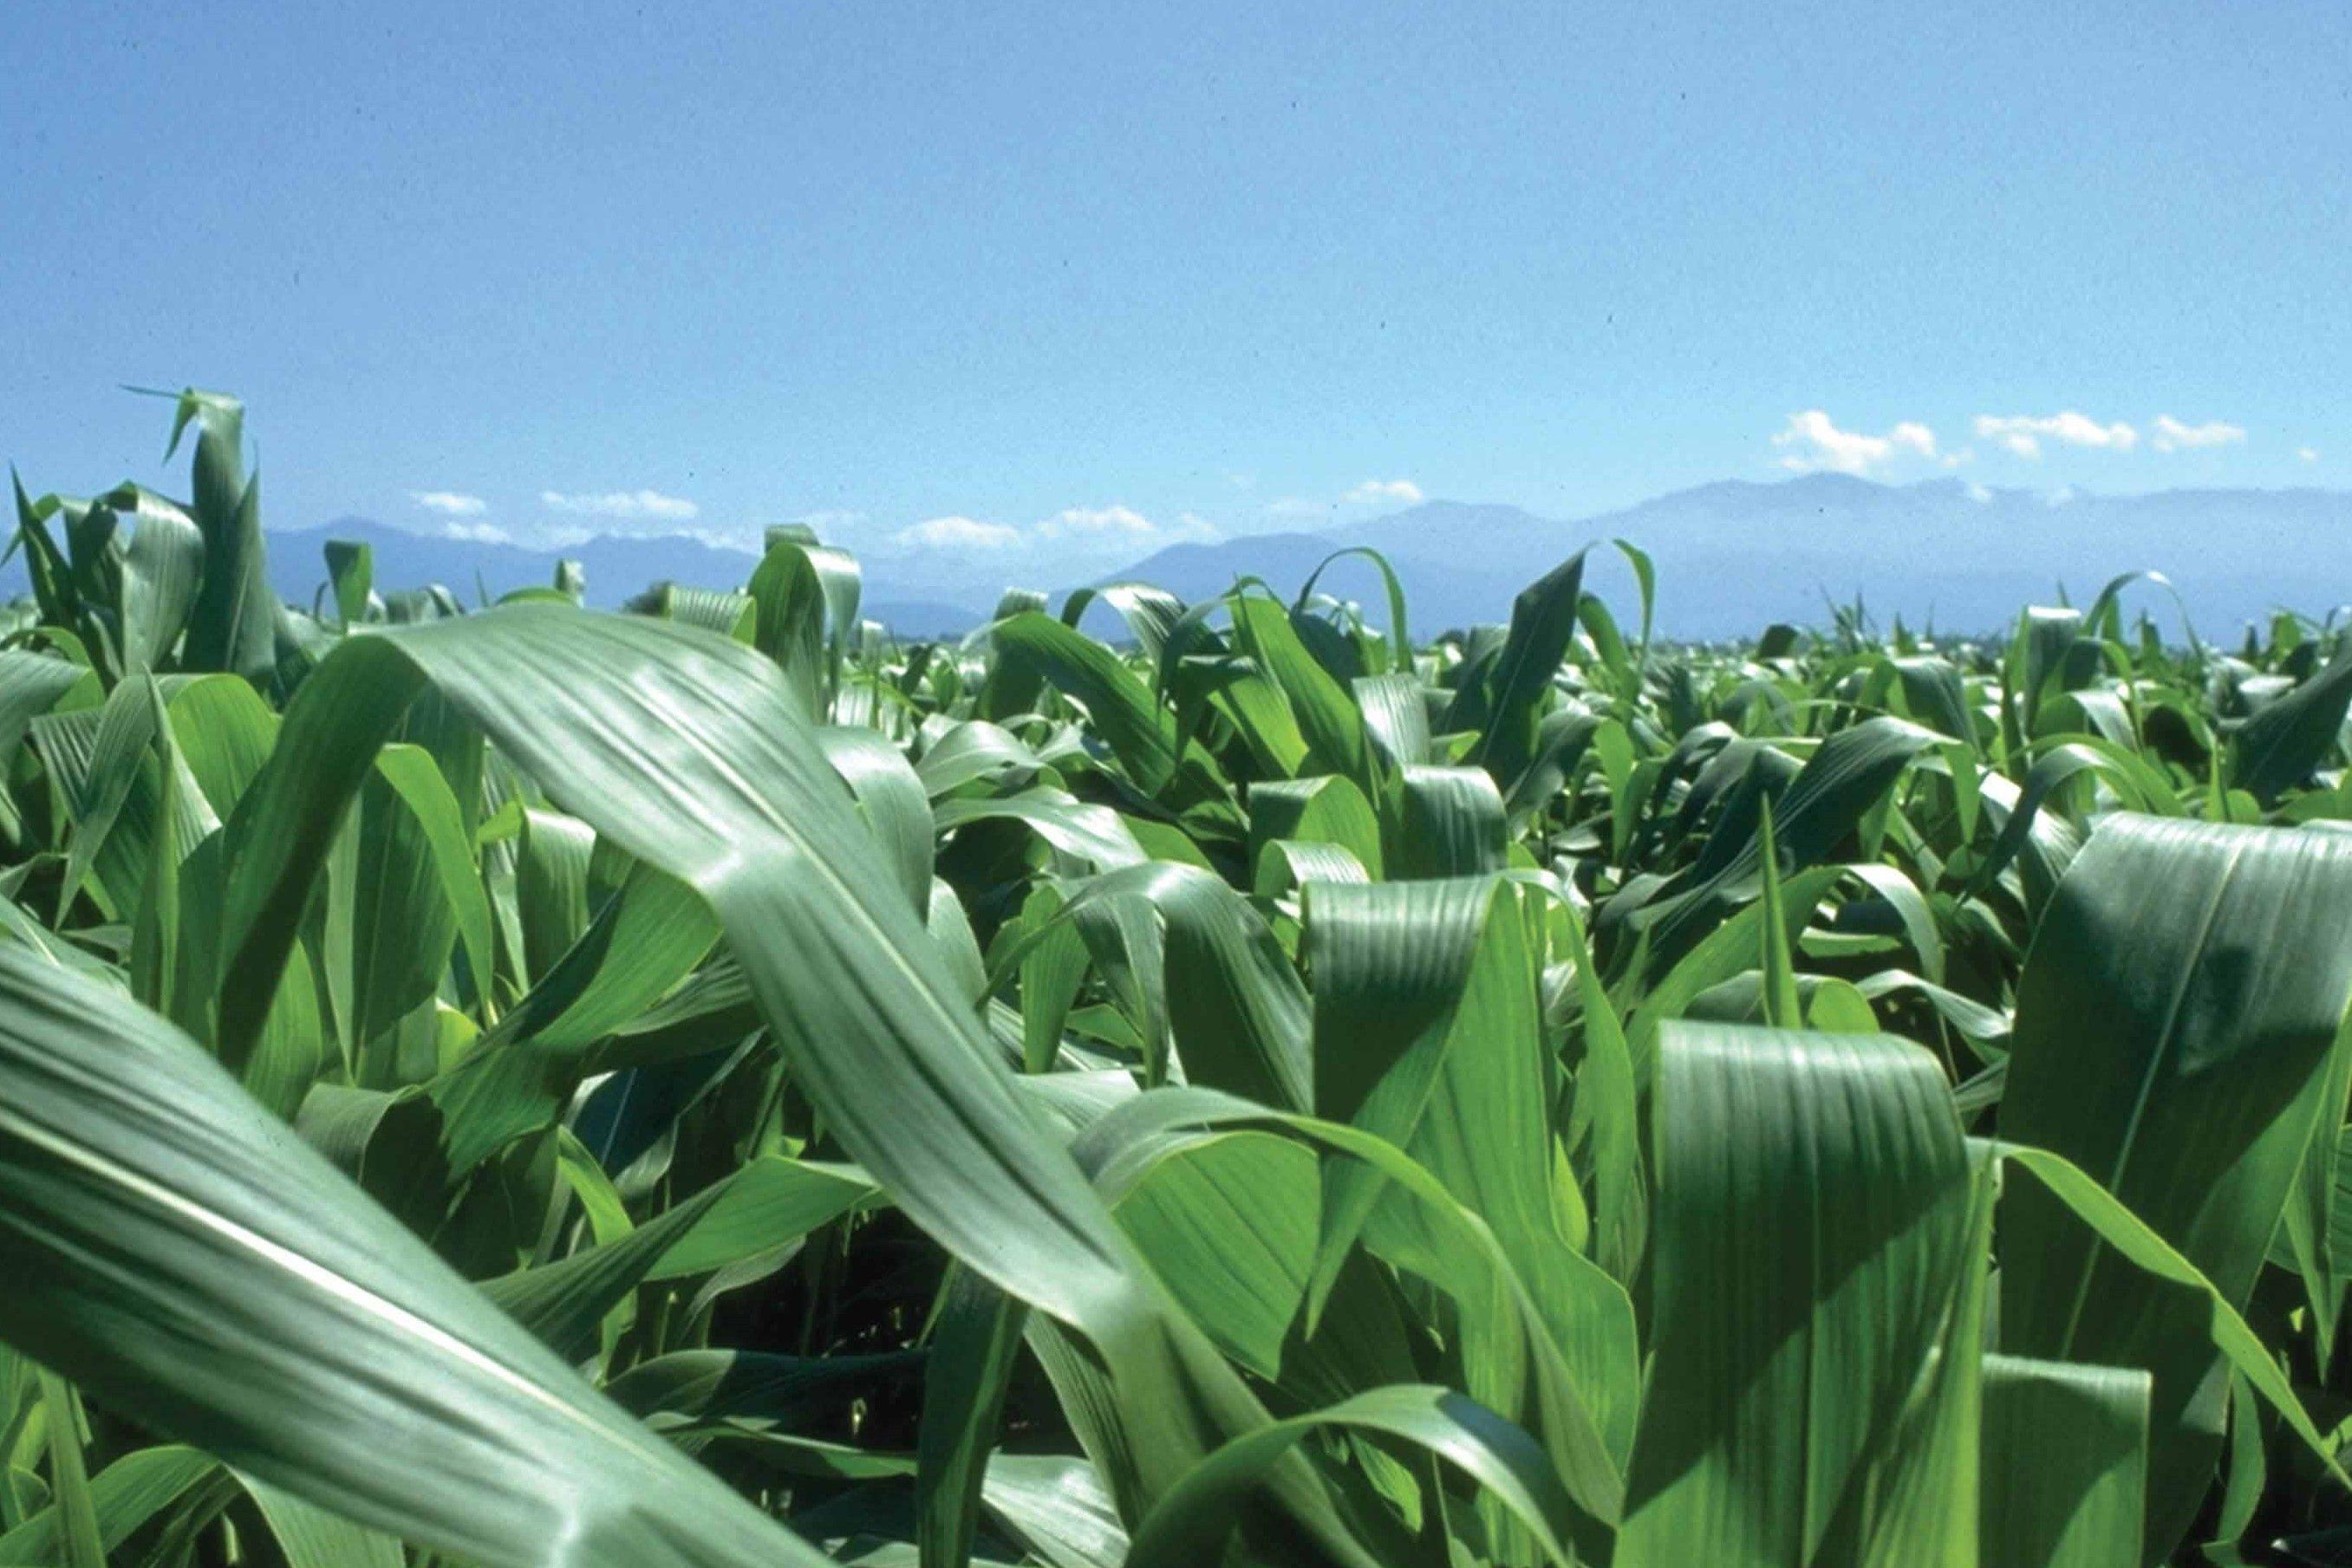 Confagricoltura e Syngenta insieme per un protocollo d'intesa sul mais